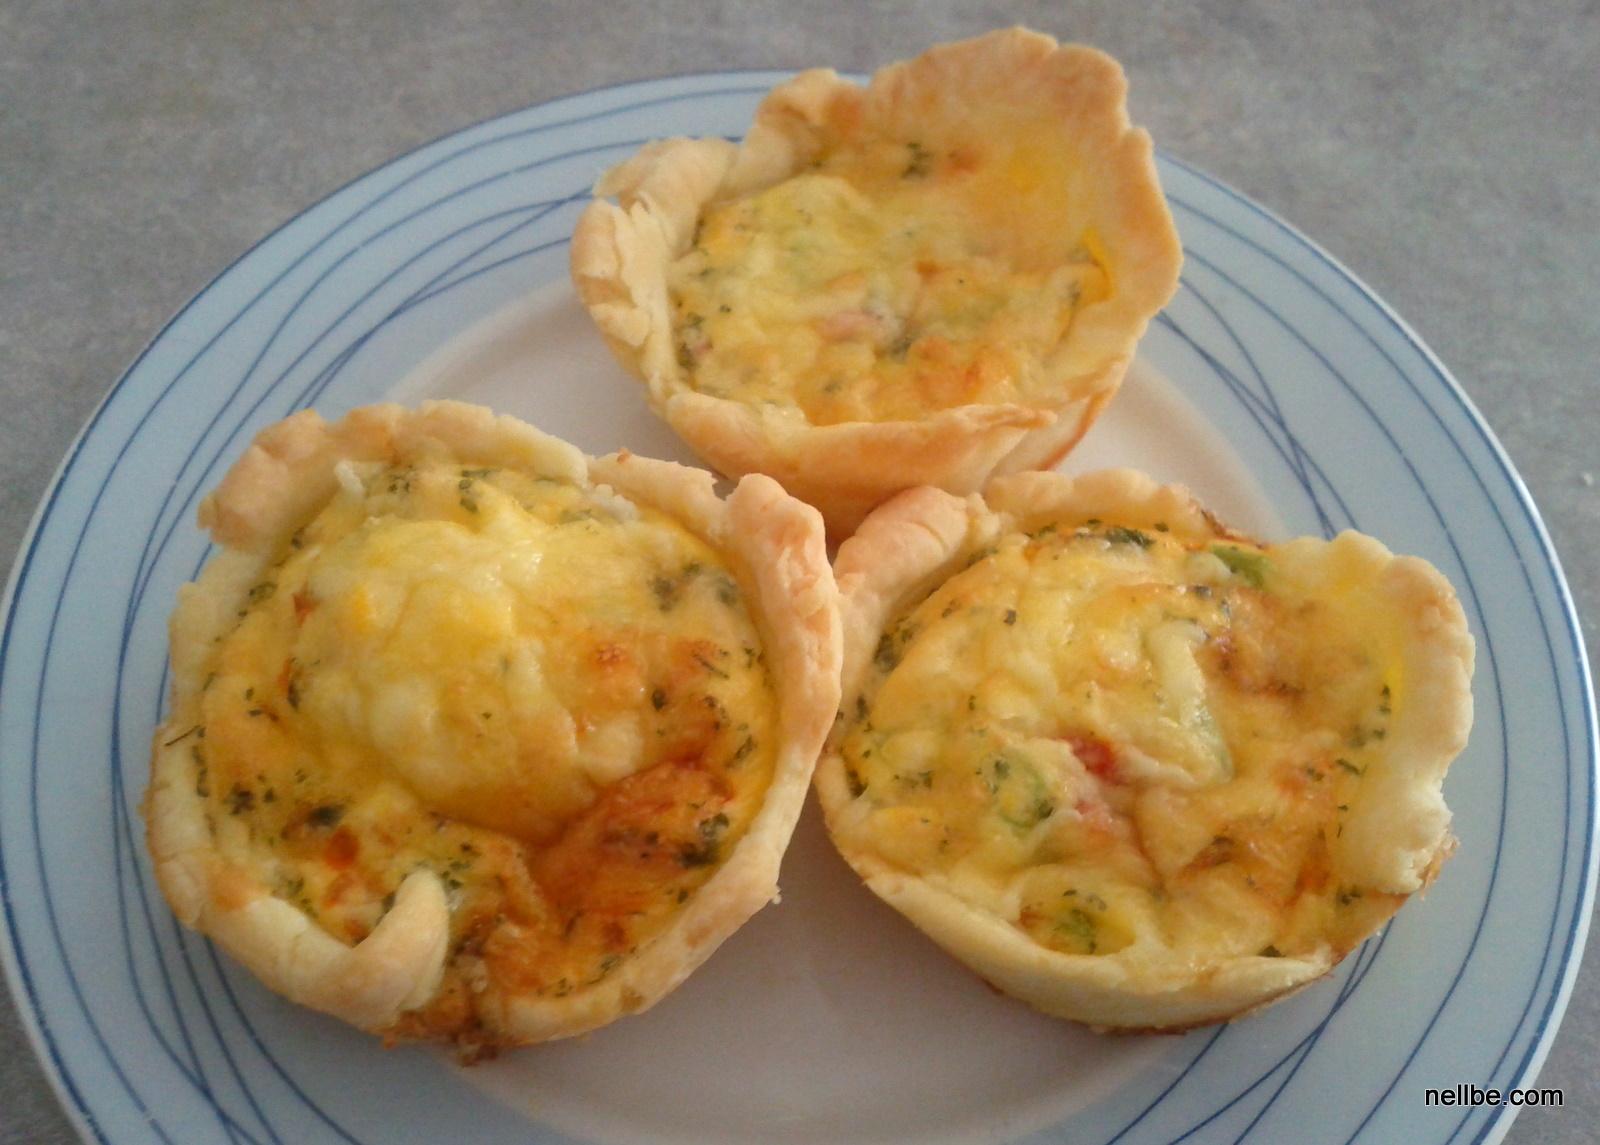 ... free mini gluten free mini quiche these gluten free mini quiches makes